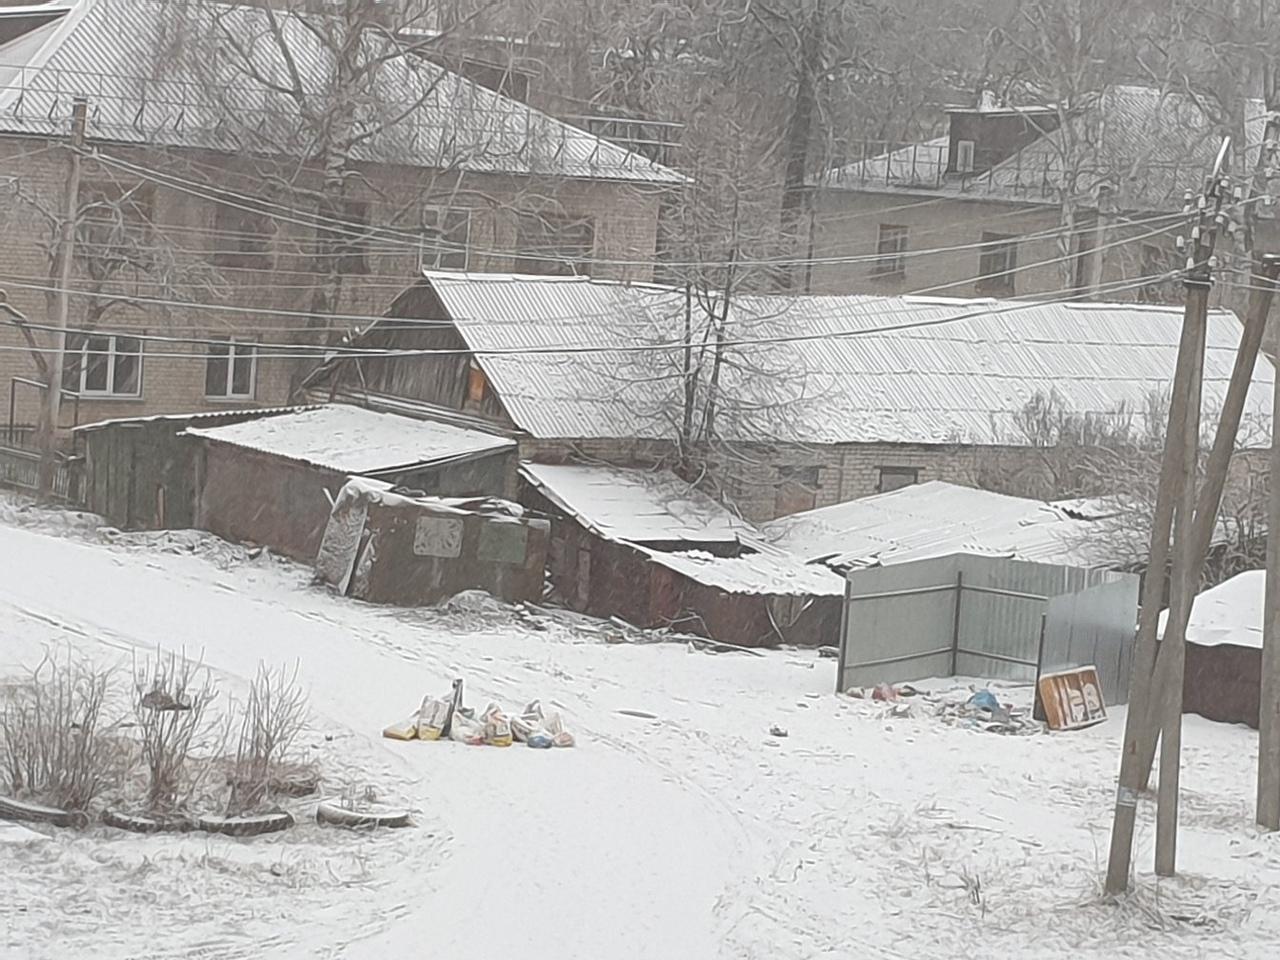 Жители Трубчевска превратили двор в помойку